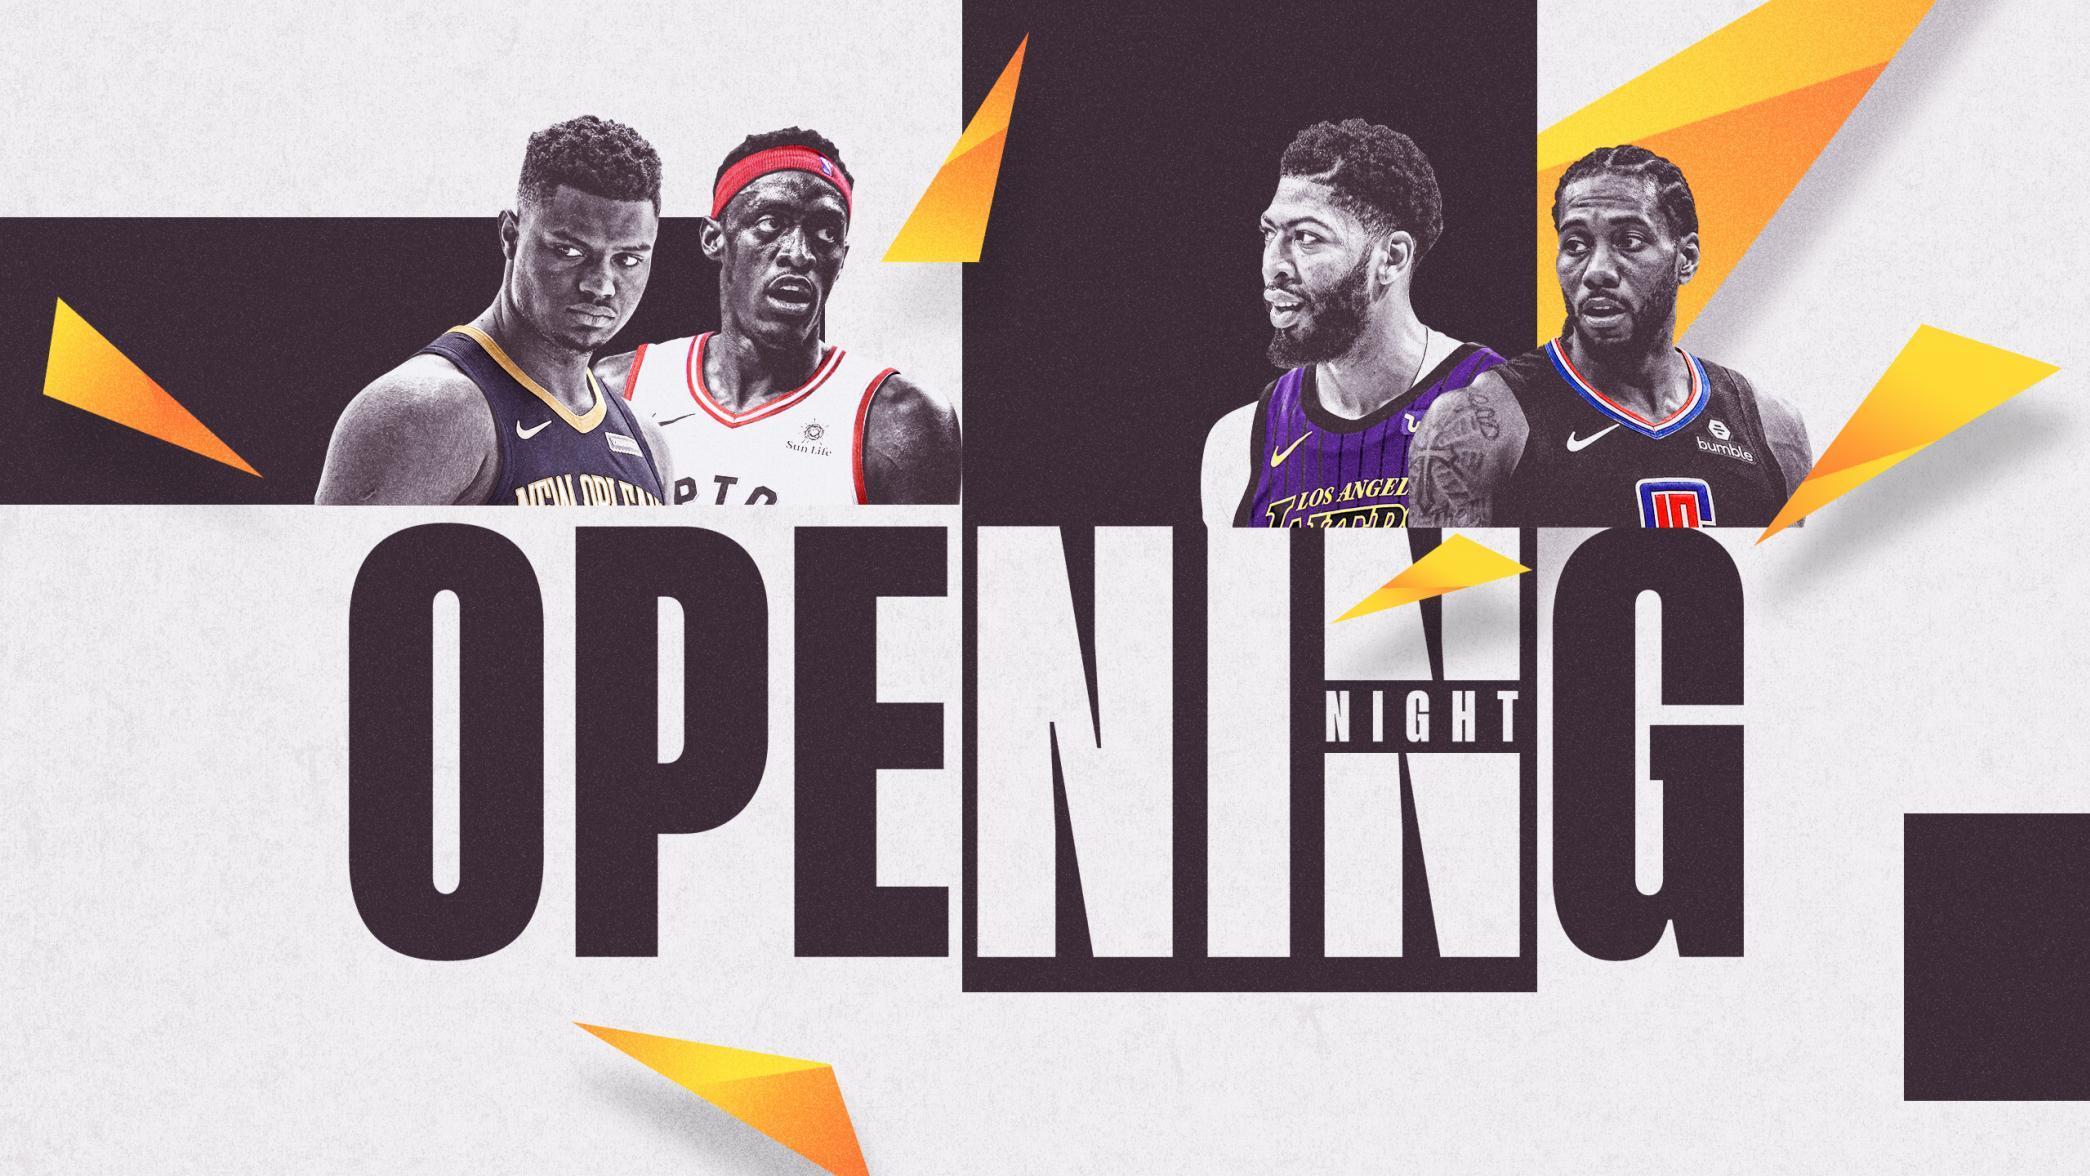 洛城雙雄領銜NBA揭幕戰 圣誕大戰全是恩怨對決